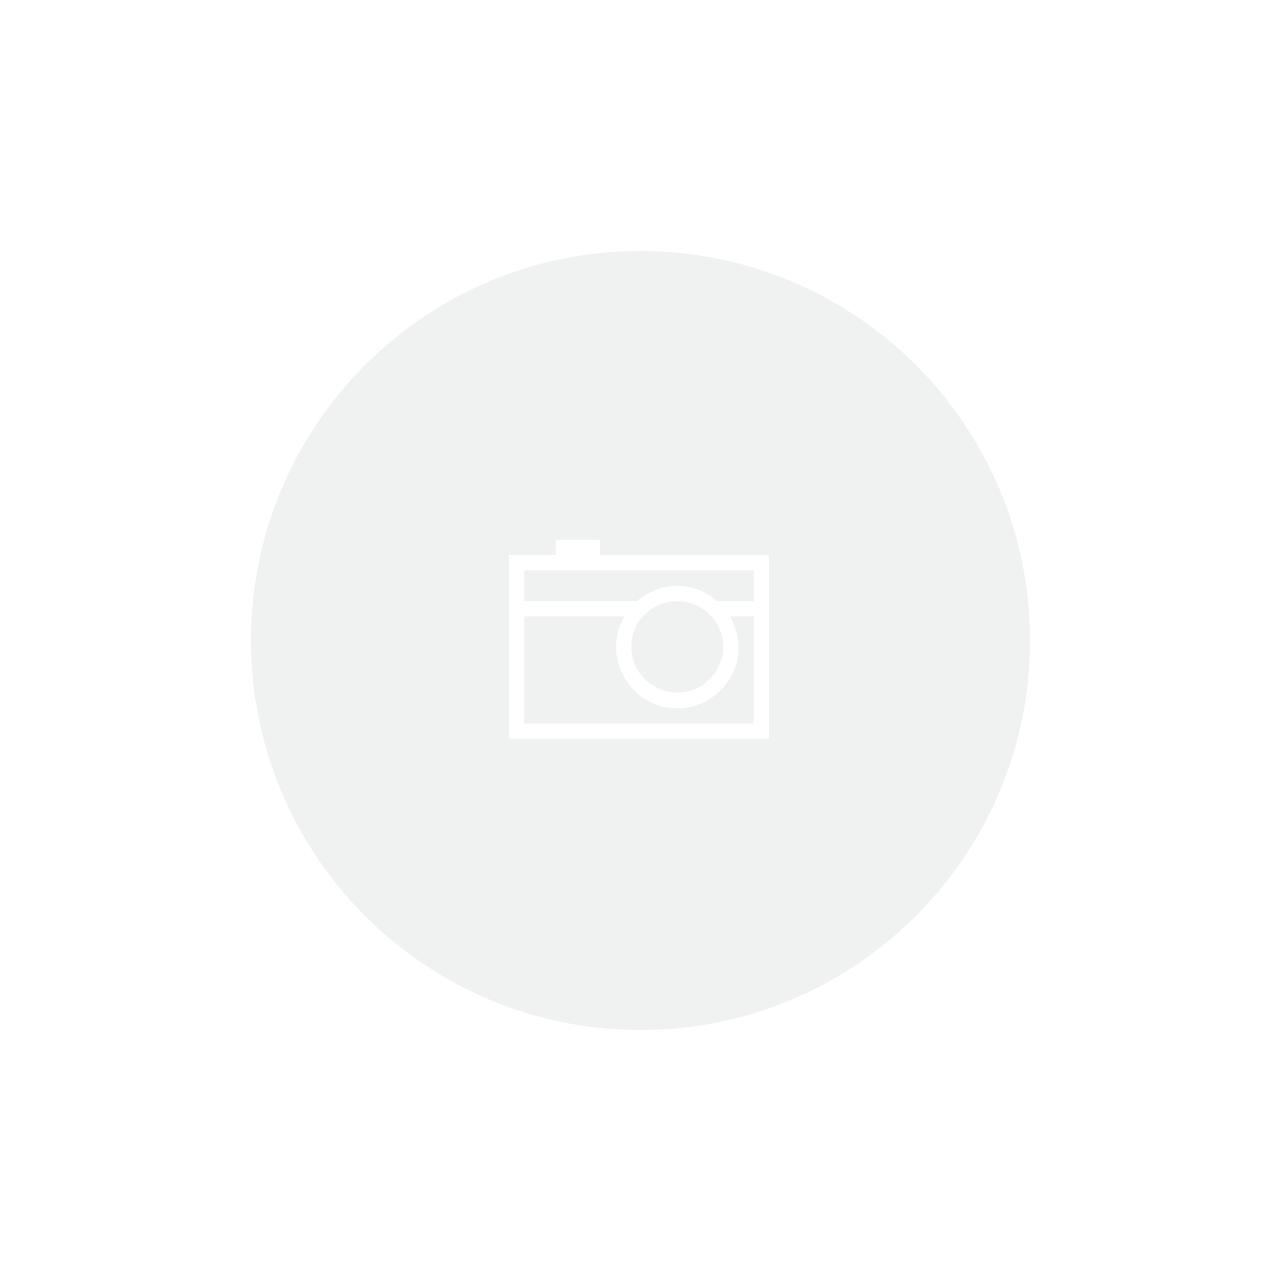 Almofada Veludo Fendi c/ Aplicação de Couro Branco